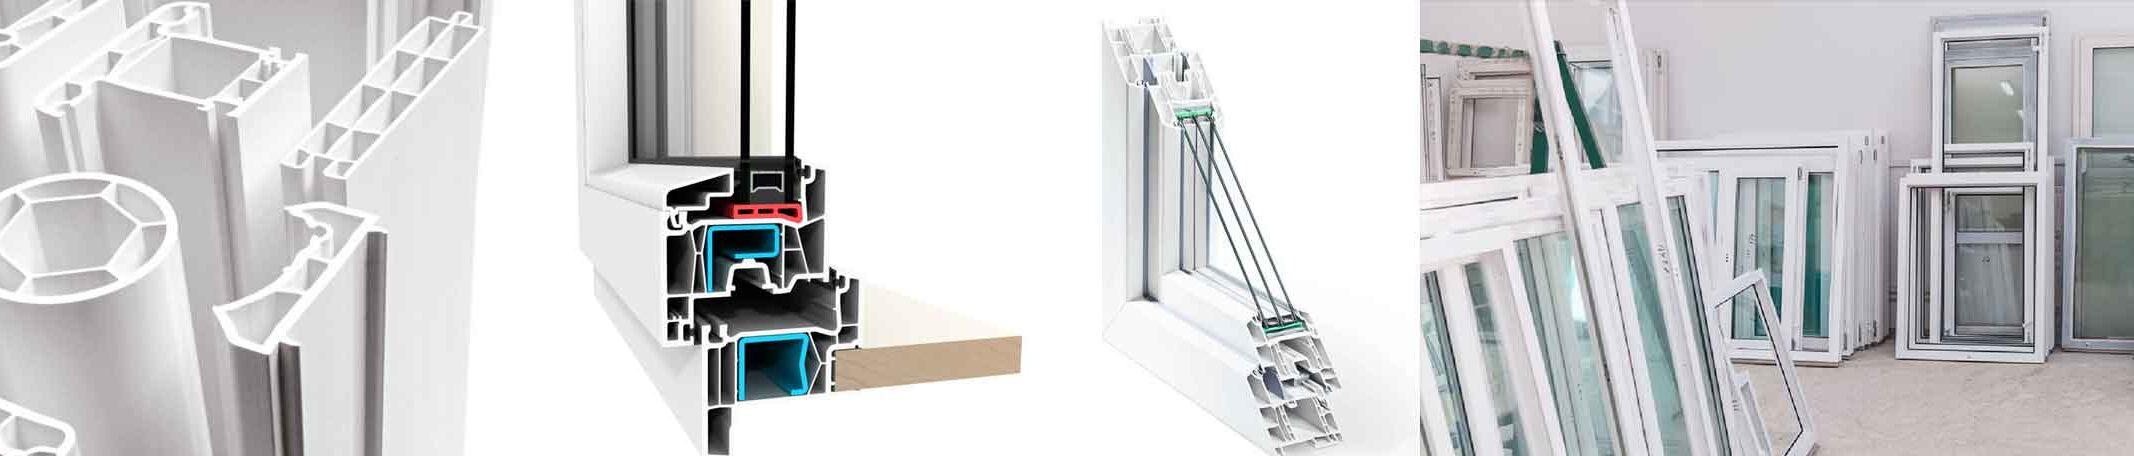 درب-و-پنجره-upvc-دوجداره-آماج-صنعت-آذر-27562